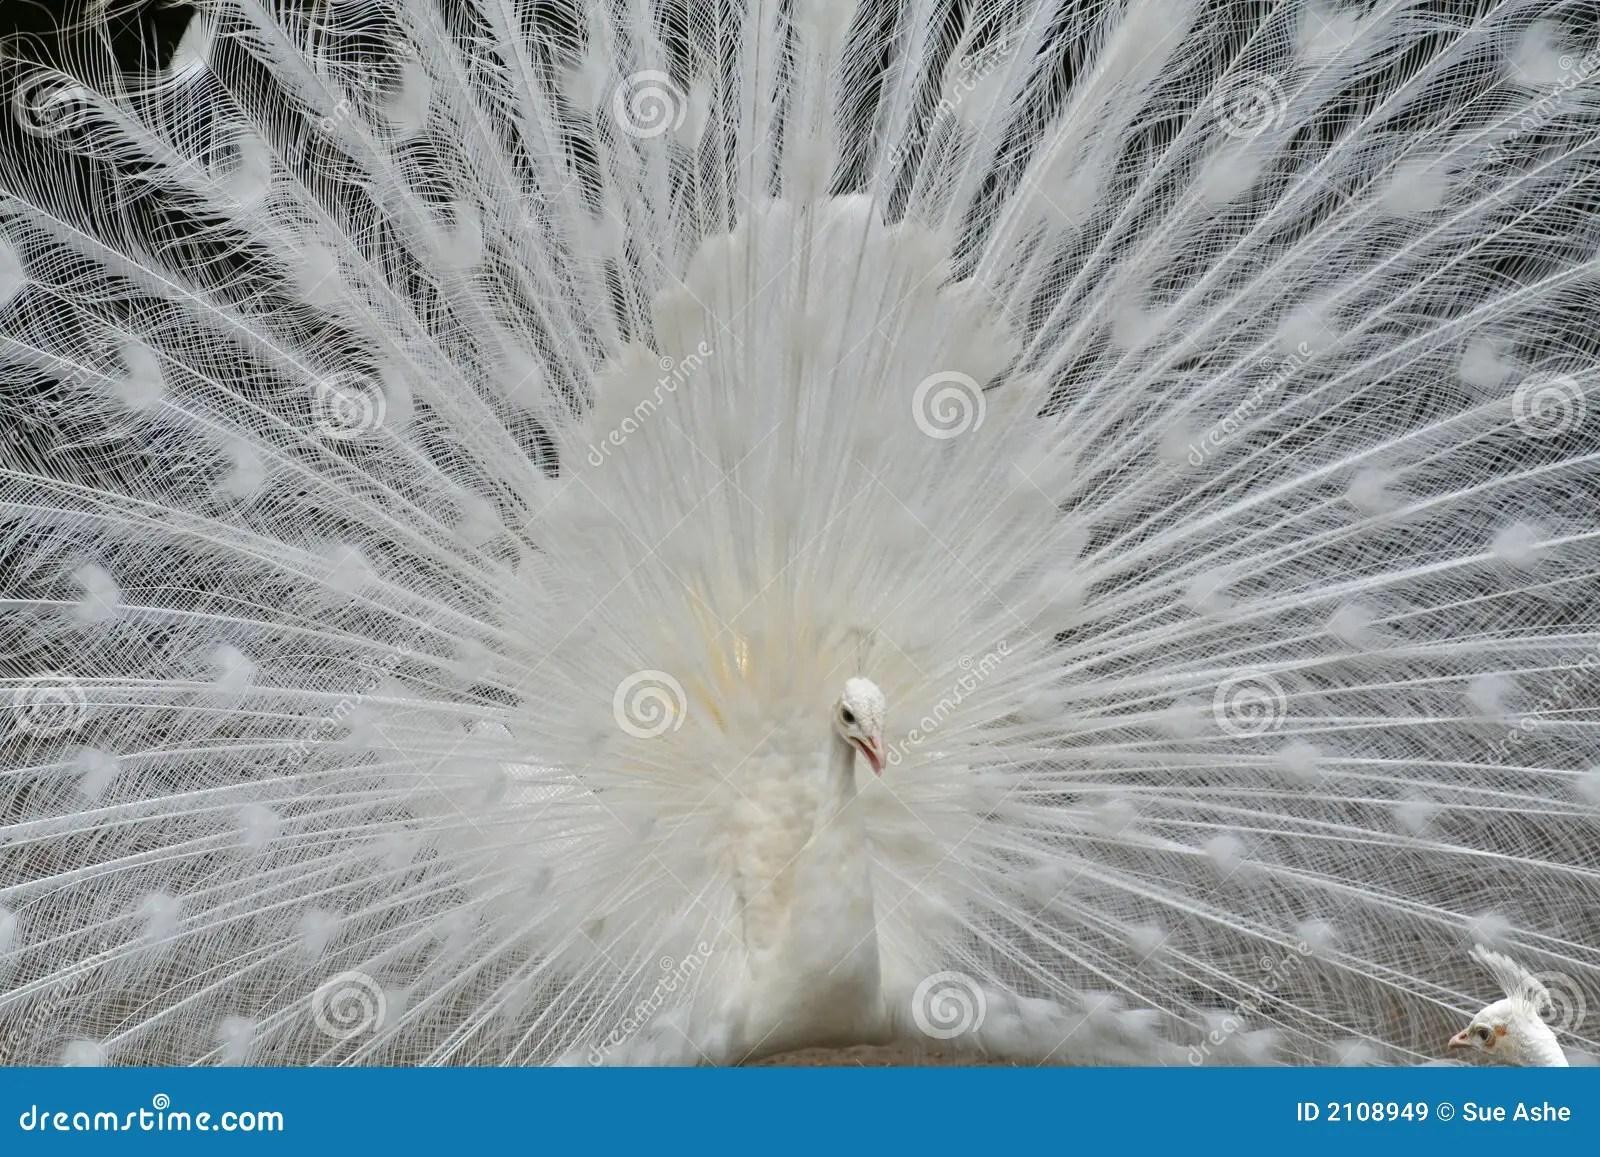 Pavone bianco immagine stock Immagine di albino bianco